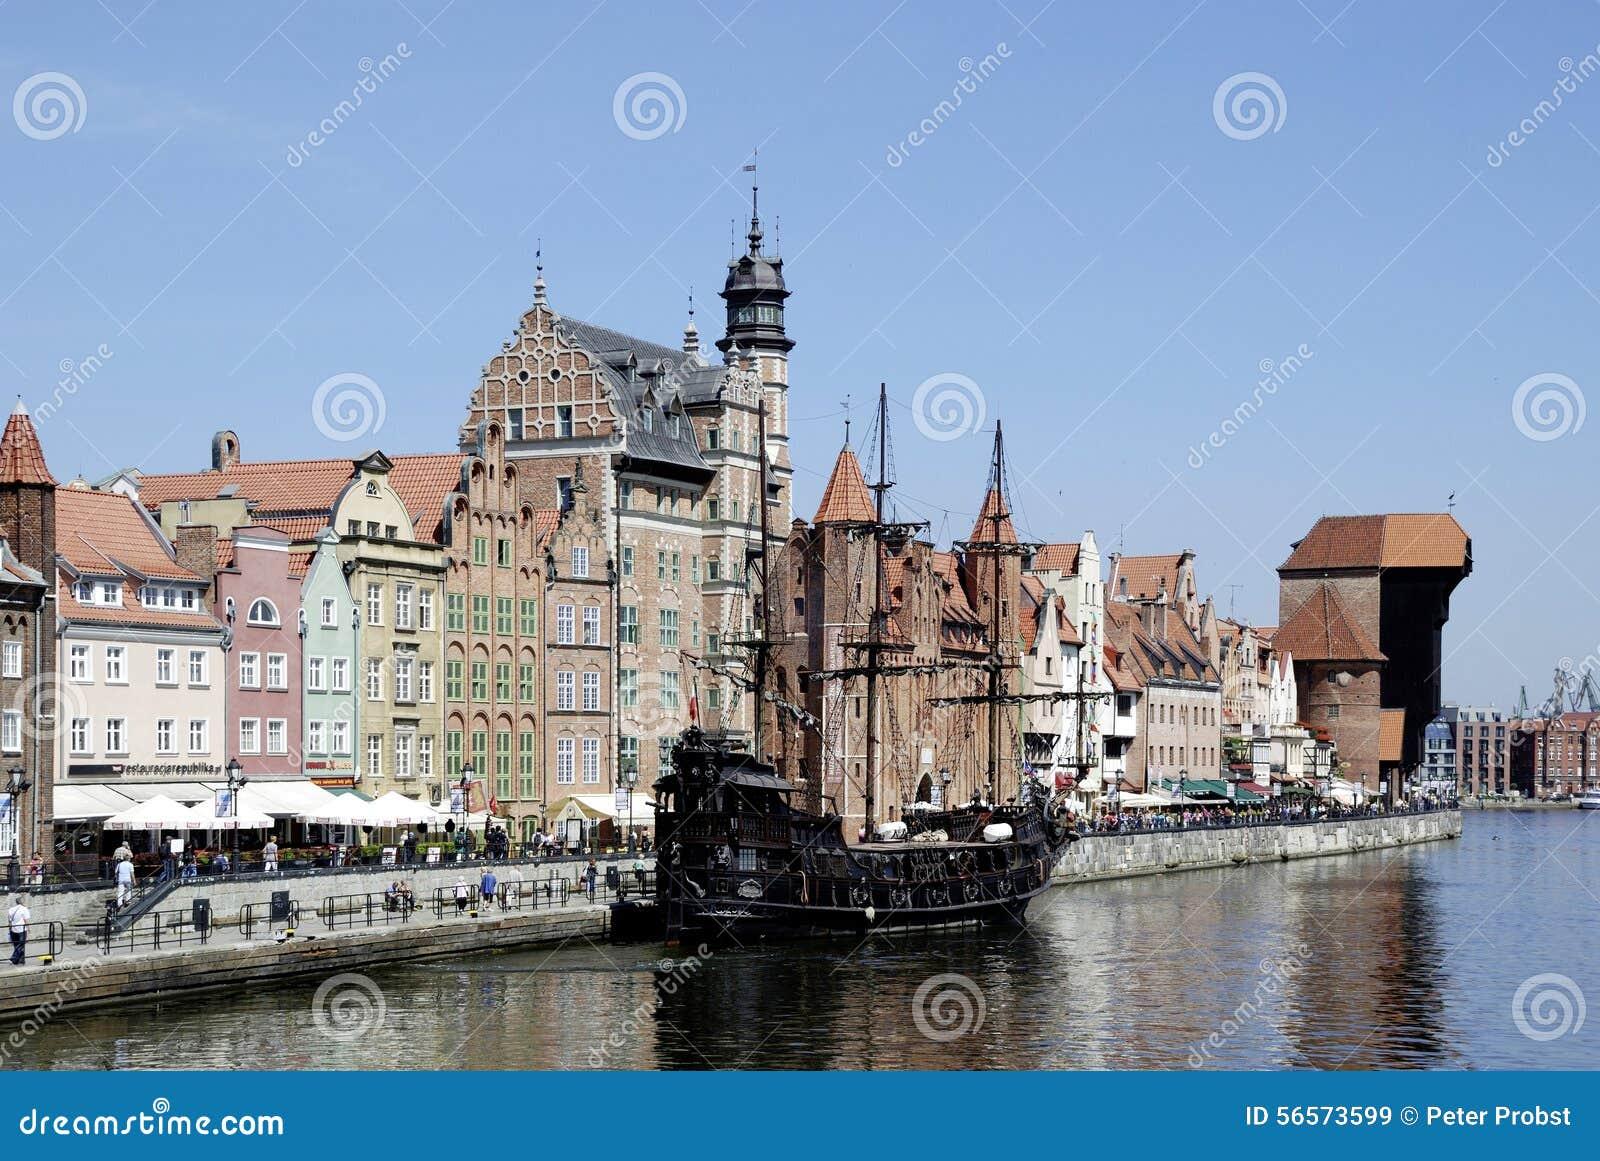 Download Ιστορική παλαιά πόλη του Γντανσκ στην Πολωνία Εκδοτική Στοκ Εικόνα - εικόνα από άνθρωποι, ιστορικός: 56573599